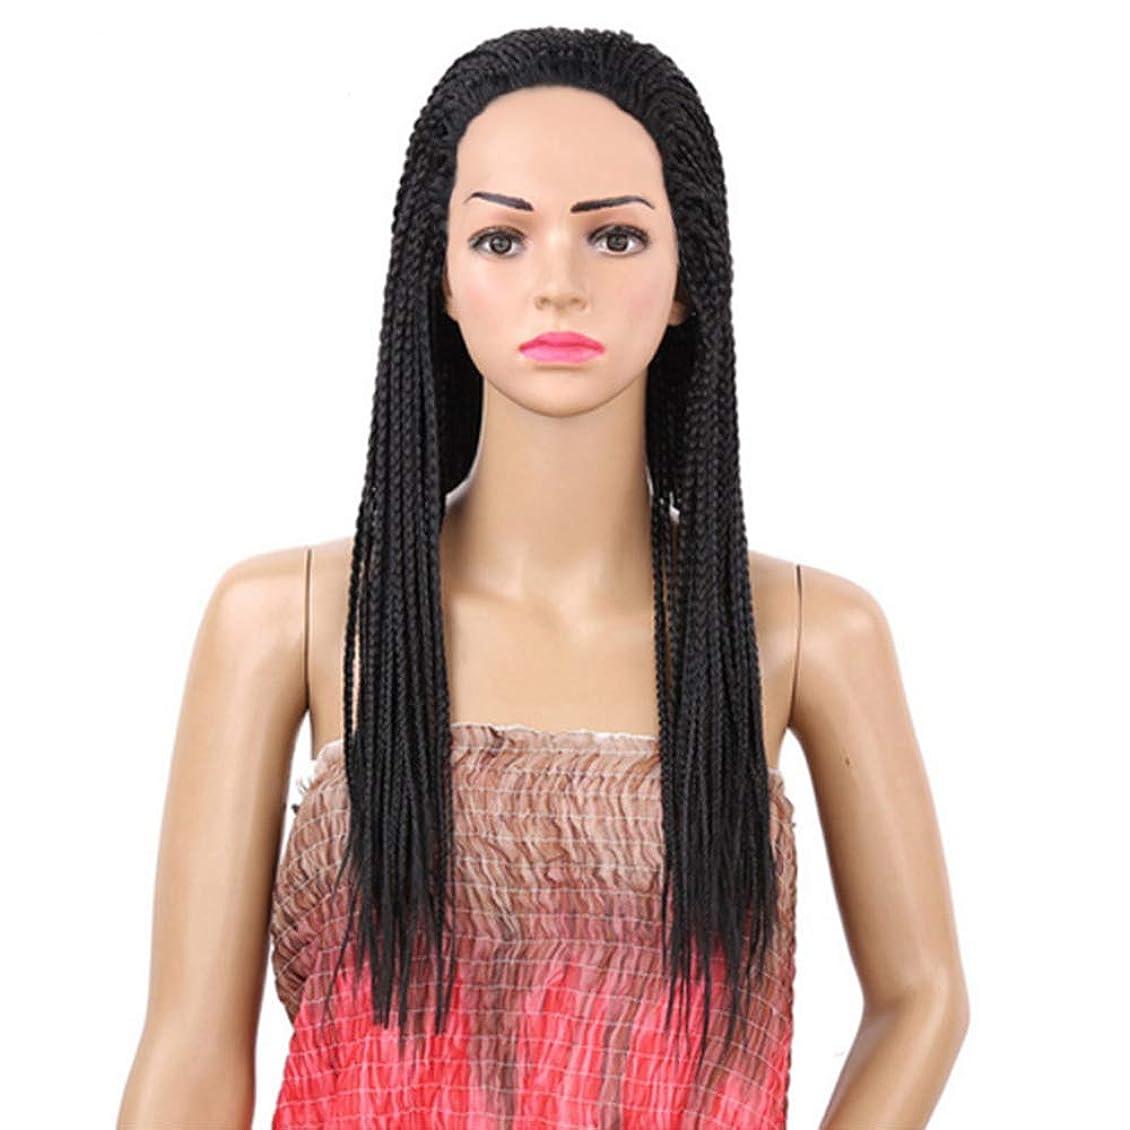 いう不毛倍増レースフロントウィッグ汚れた100%未処理のバージンヘアブラジル人のRemy人間の髪の毛ストレートヘアレースウィッグと赤ちゃんの髪180%密度72 cm